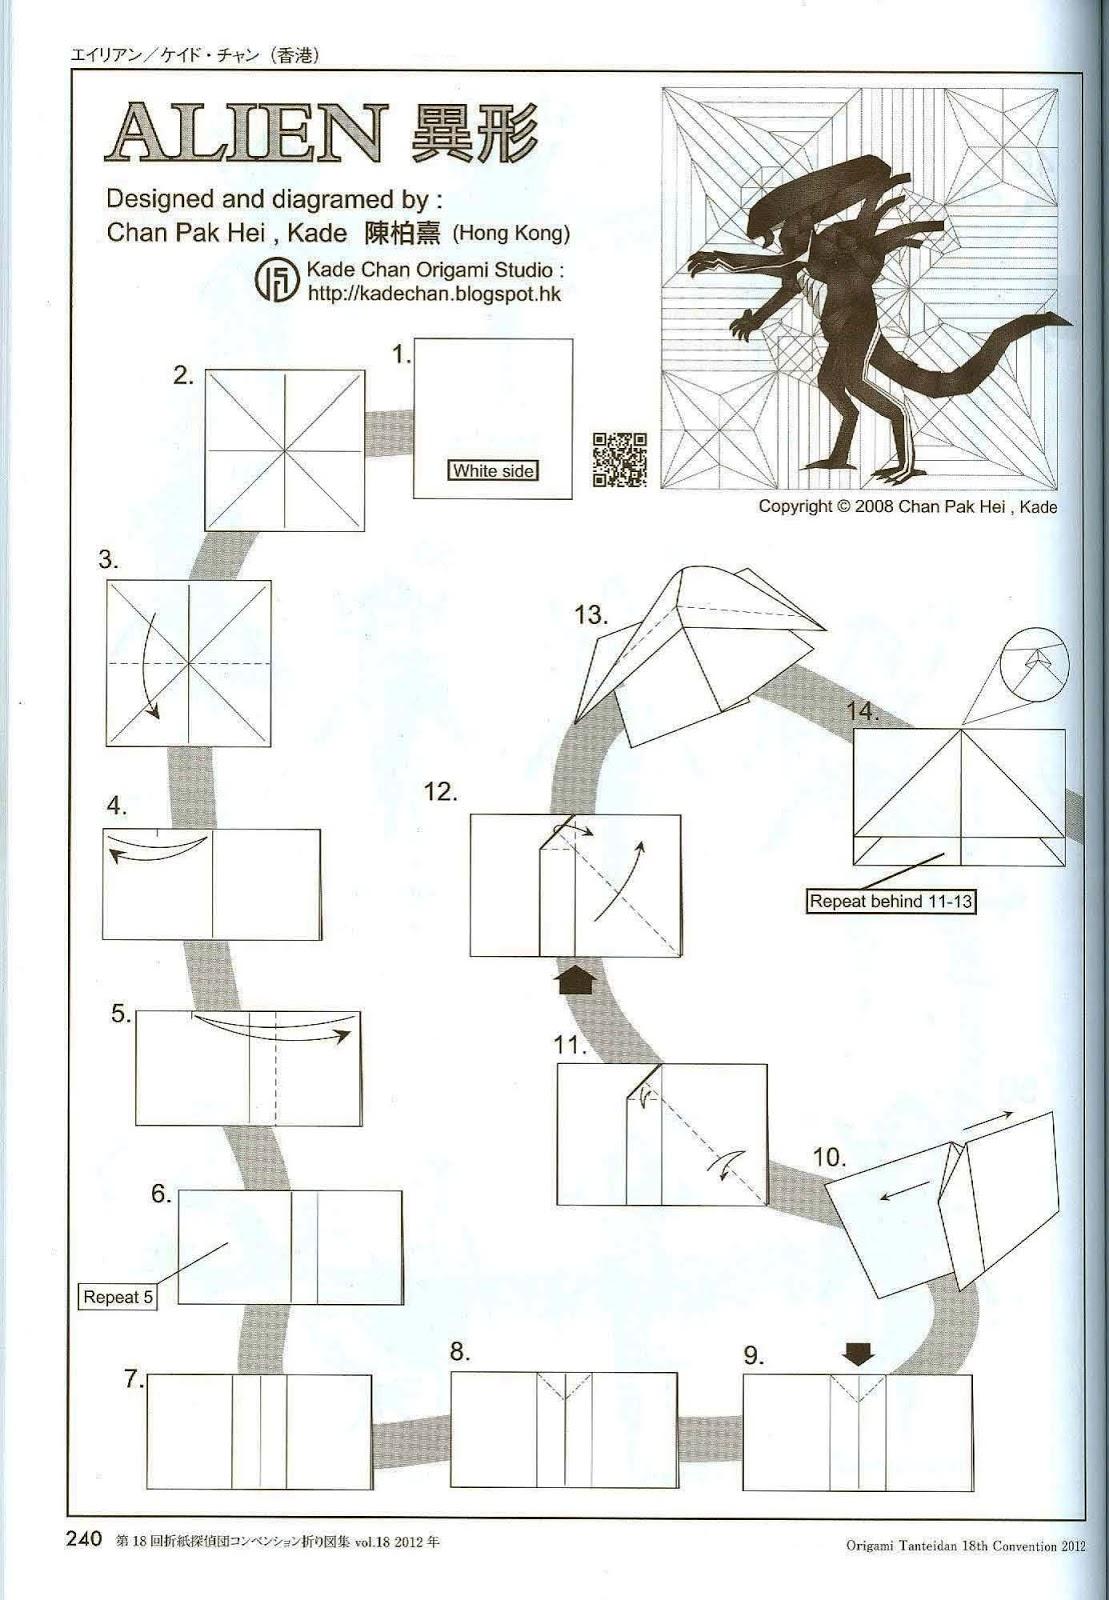 Pasin al origami hola amigos de este arte hoy les doy a conocer el diagrama de un alien warrior de kade chan espero q les guste y aqui les dejo el diagrama jeuxipadfo Images